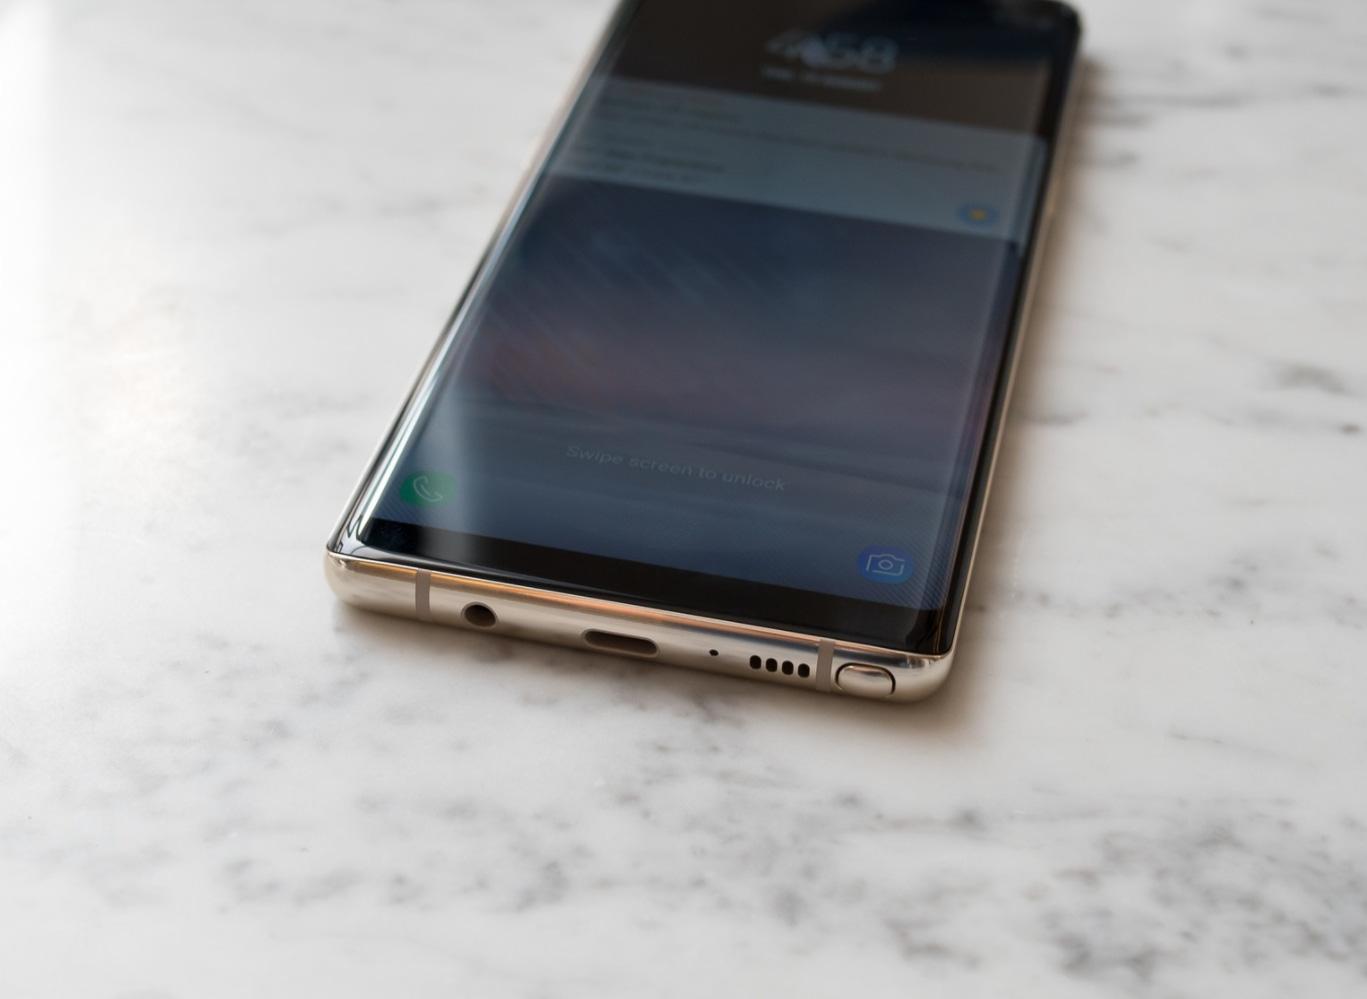 Cảm nhận sau 2 ngày sử dụng Galaxy Note 8: Samsung biết cách đưa những gì tốt nhất vào một chiếc smartphone - Ảnh 2.